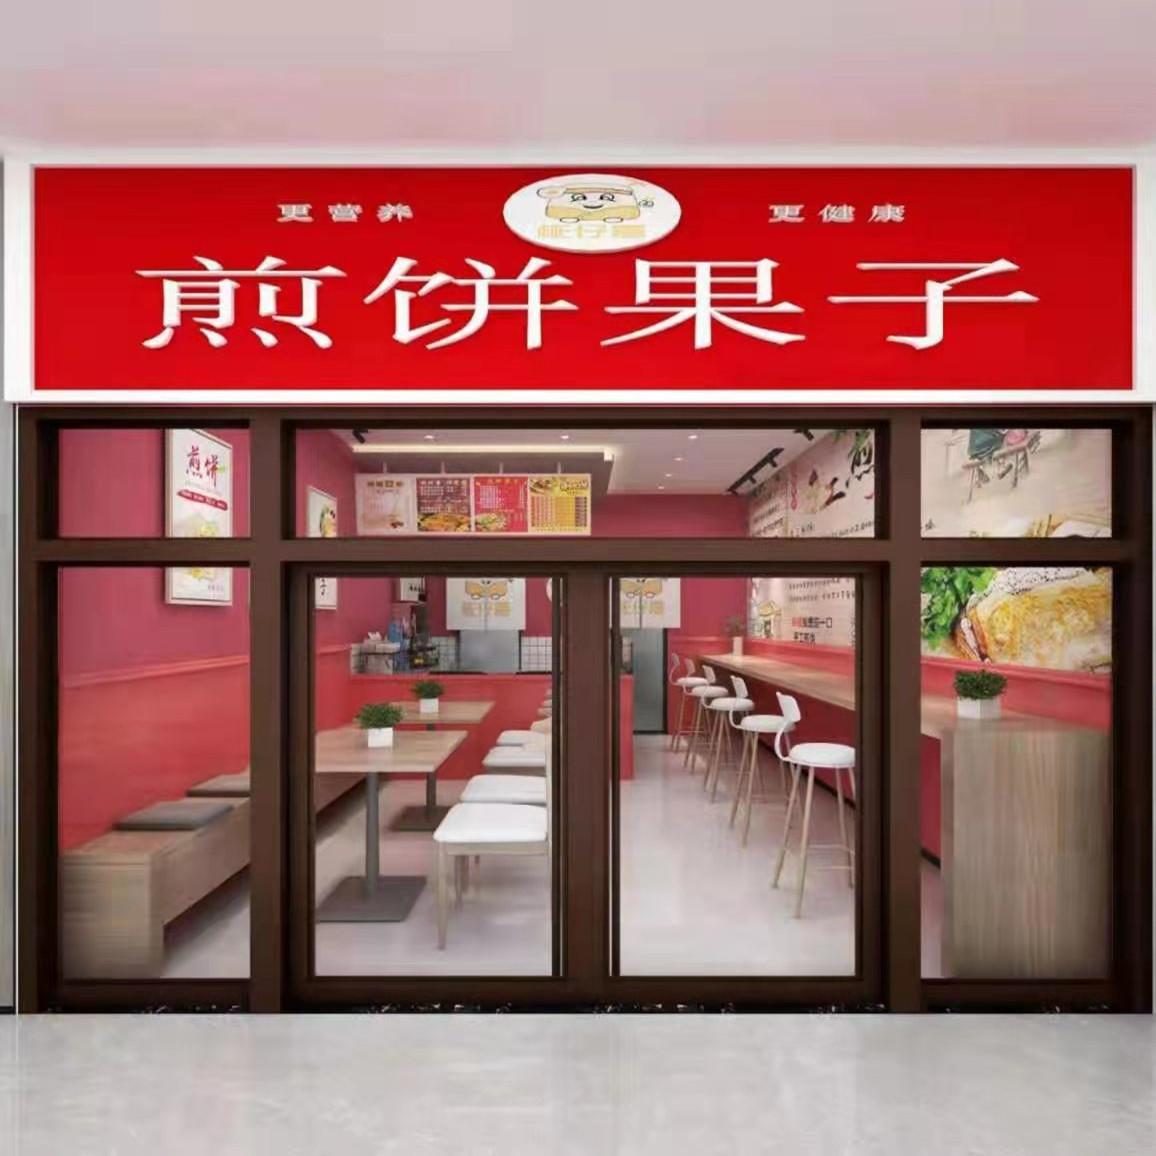 彬仔嘉煎饼果子,前列小吃加盟品牌。长春银彬餐饮管理供应。